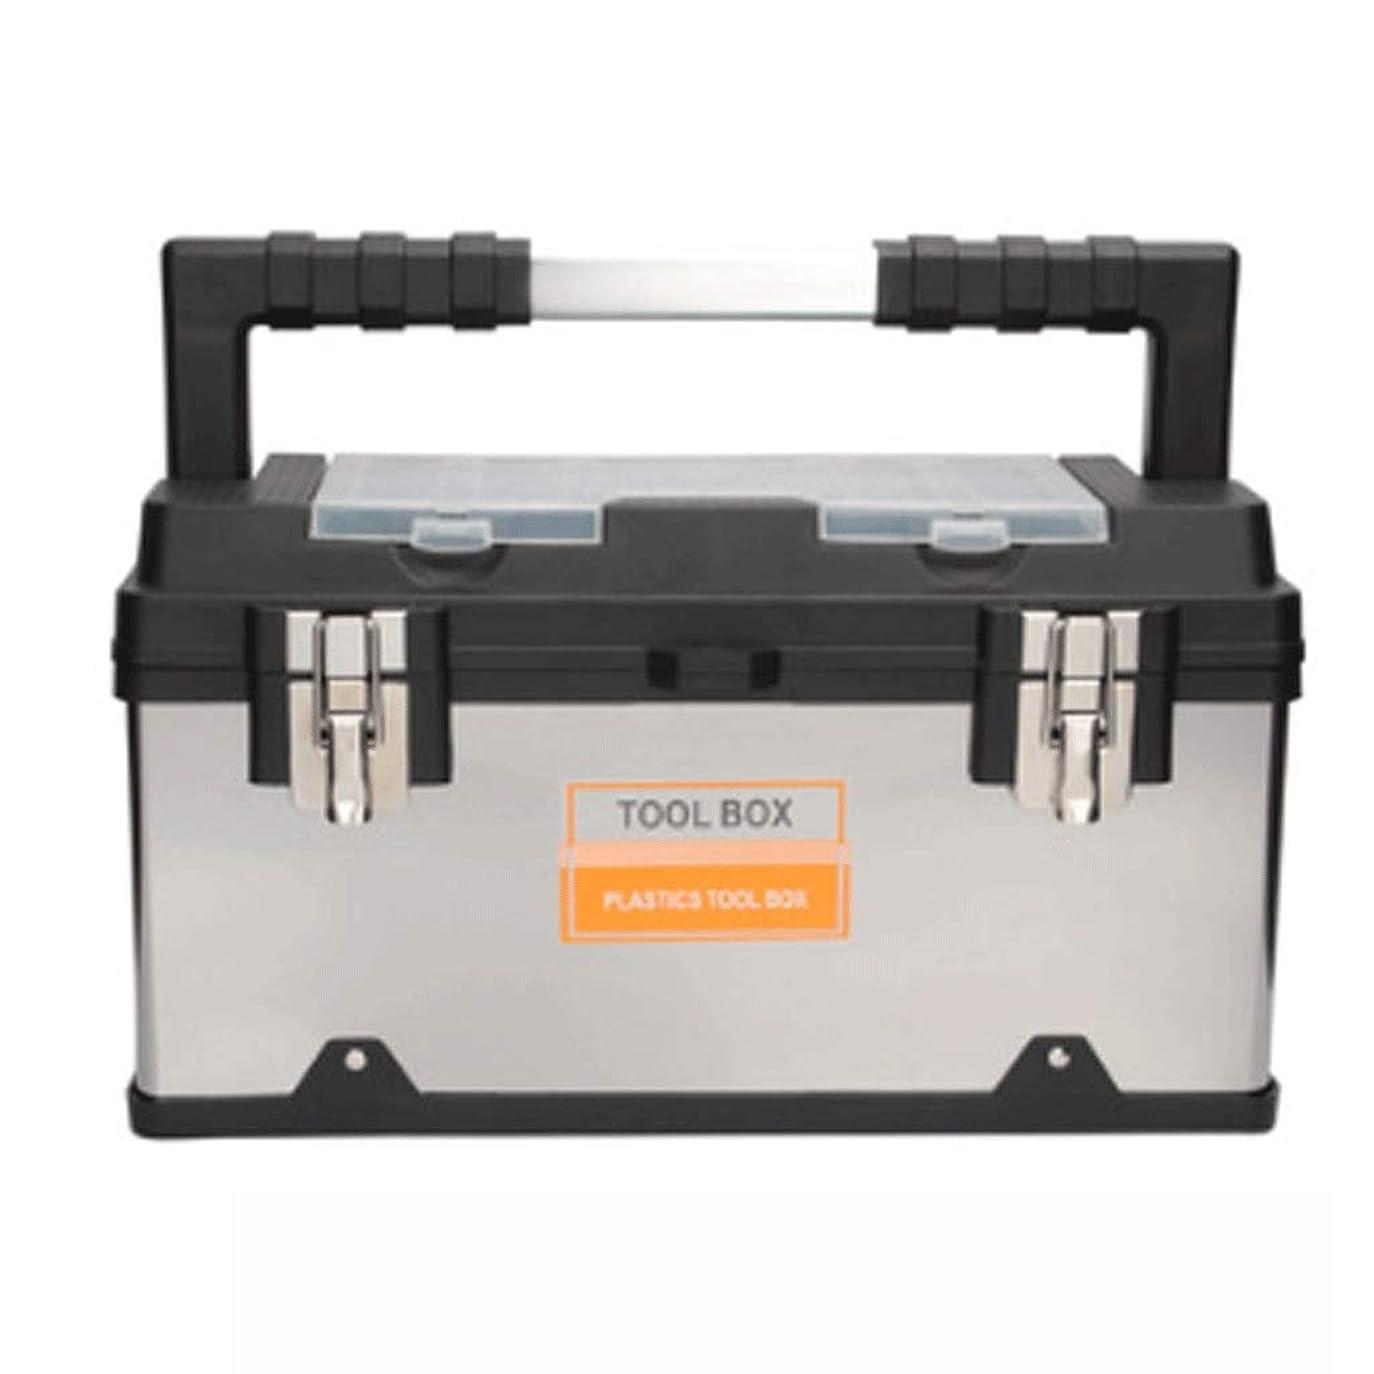 ワードローブ手配する観光ホームポータブル工具箱ステンレス鋼のツールは、ハードウェアツールボックス大容量ツールチェスト車多機能ツールボックスを設定します。 (サイズ : Large)